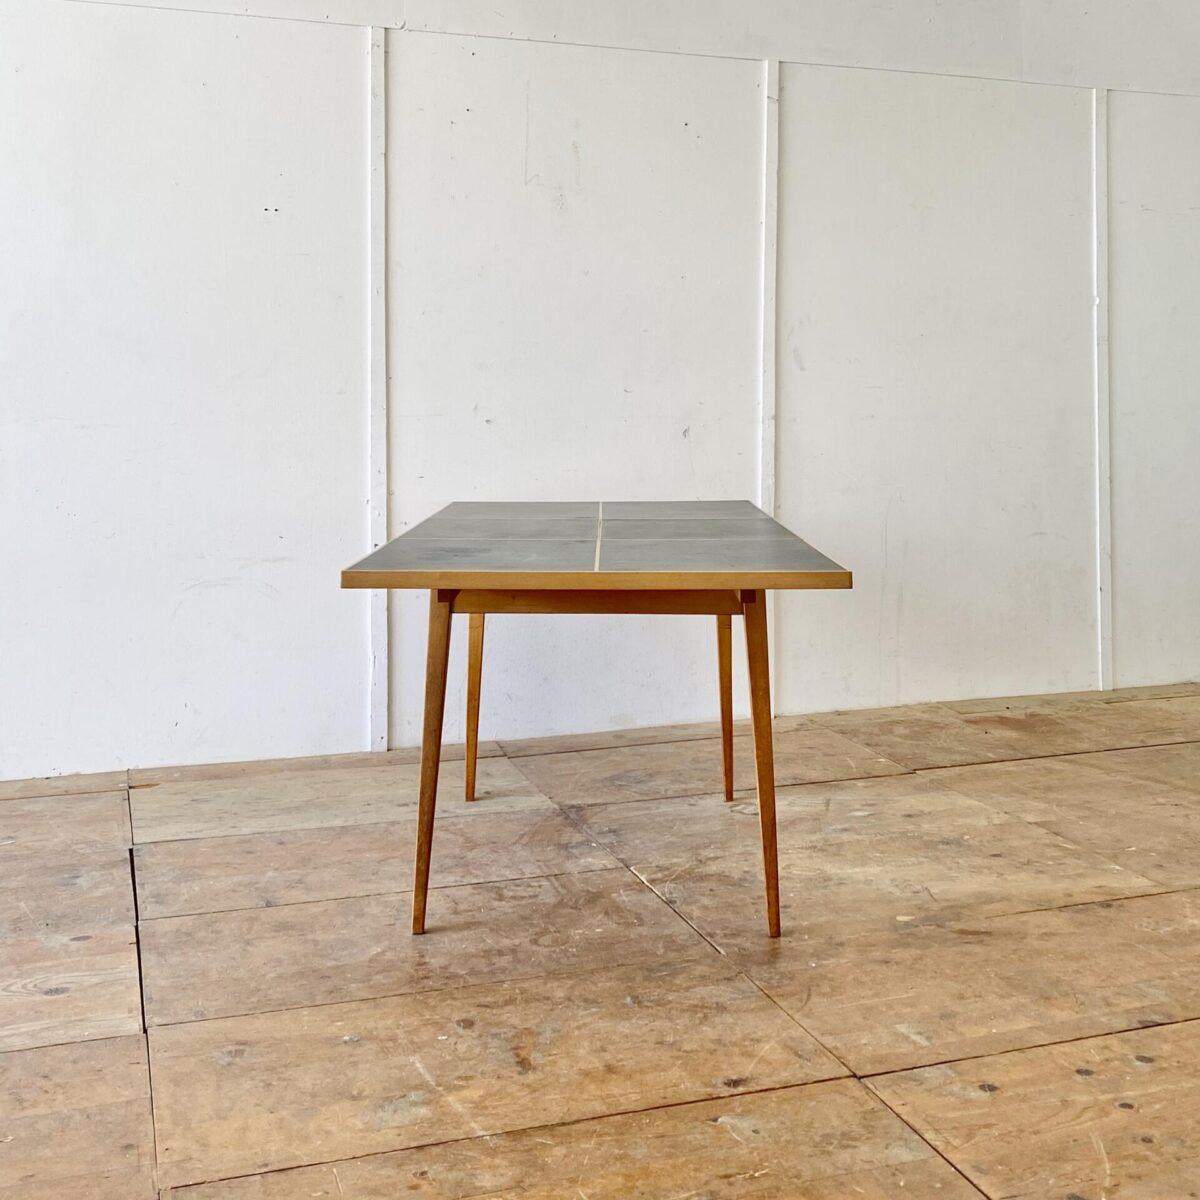 Auszugtisch aus Ahornholz mit schwarzem Linoleum. 116.5x84.5cm Höhe 72.5cm Ausgezogen 170cm lang. Hersteller nicht ersichtlich, erinnert bisschen an den Hans Bellmann Tisch von horgenglarus, aus den 50er Jahren. Das Linoleum hat ein paar kleinere Hicke und Schrammen. Das Tischgestell mit Alterspatina ist teilweise frisch verleimt und stabil.